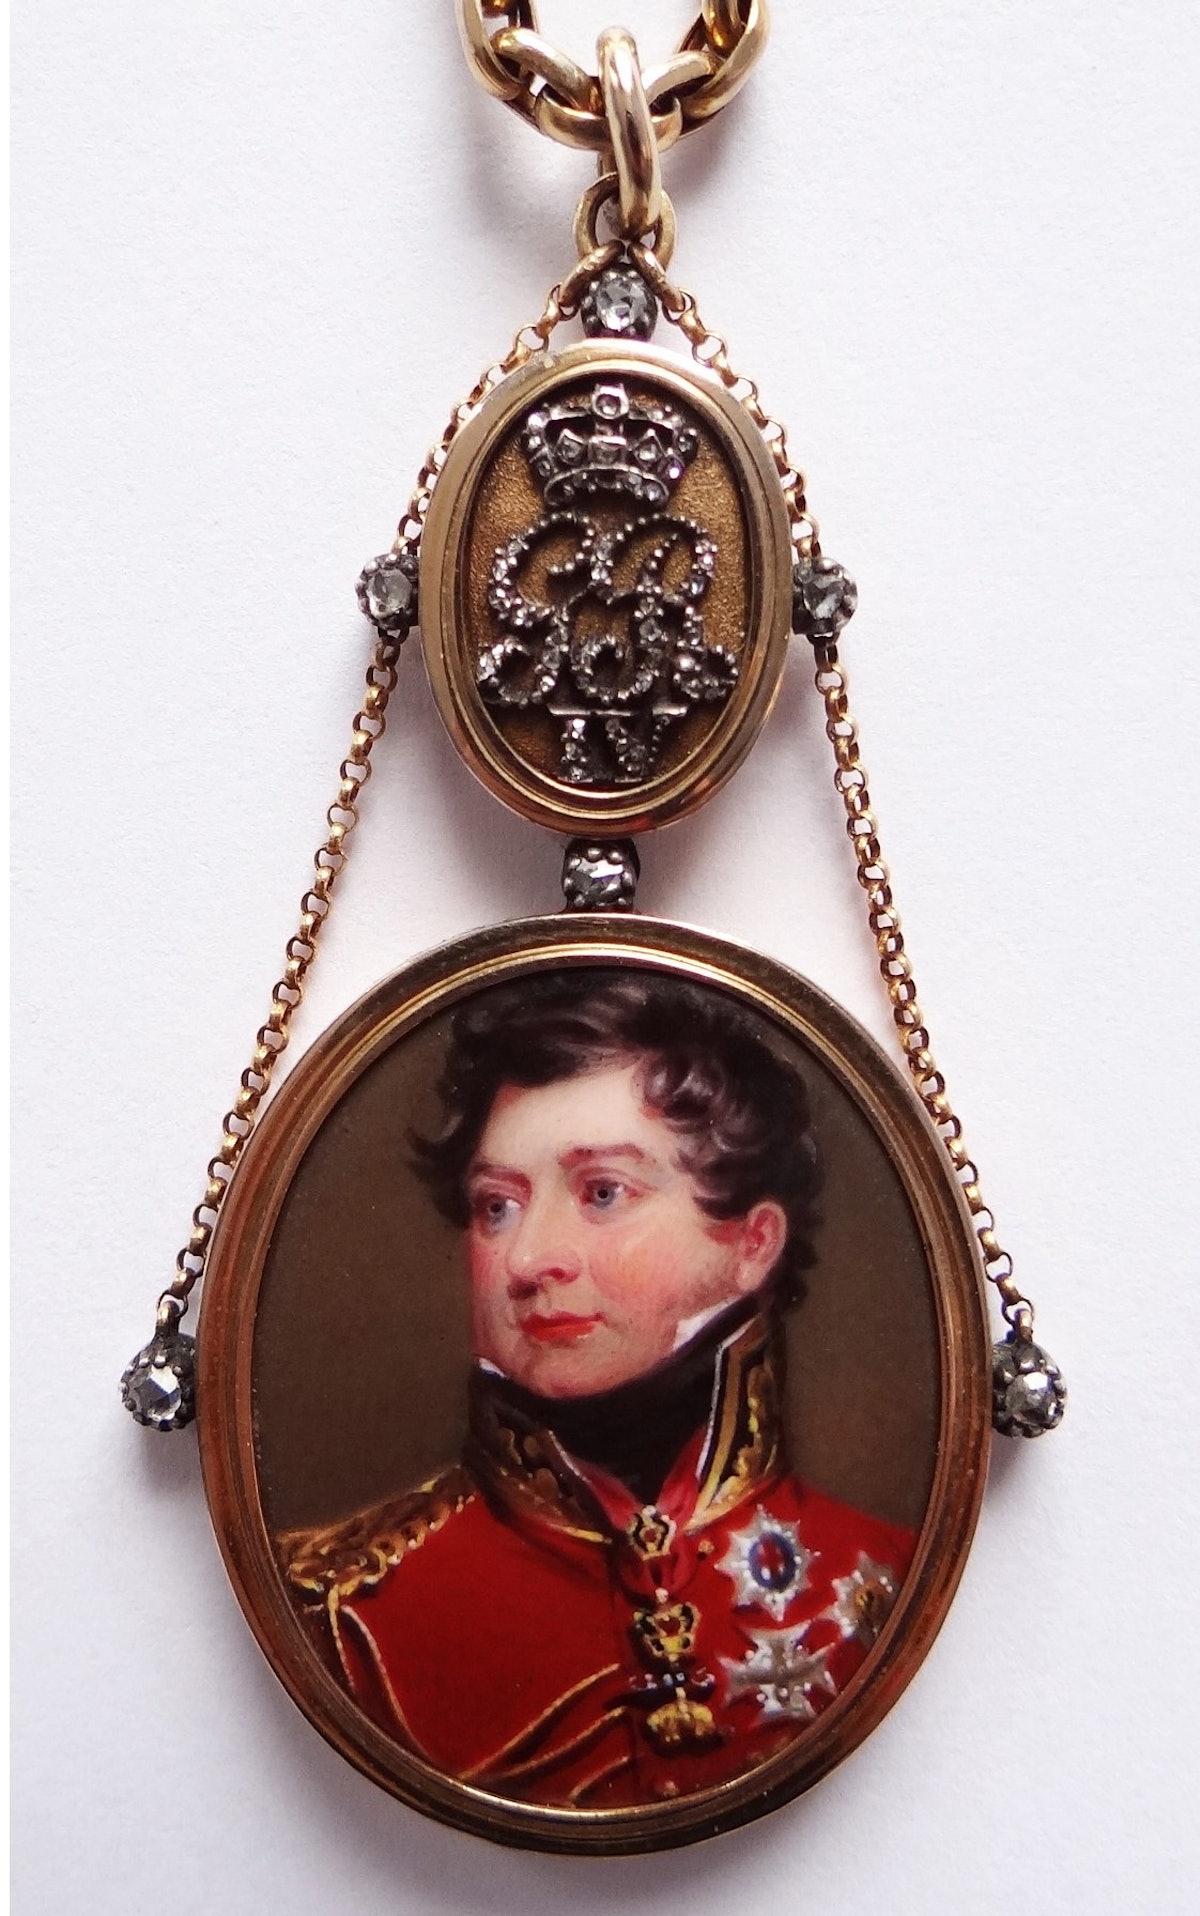 Elle Shushan Henry Bone RA enamel portrait of George IV as PrinceRegent after Lawrence set in gold +diamonds c1821